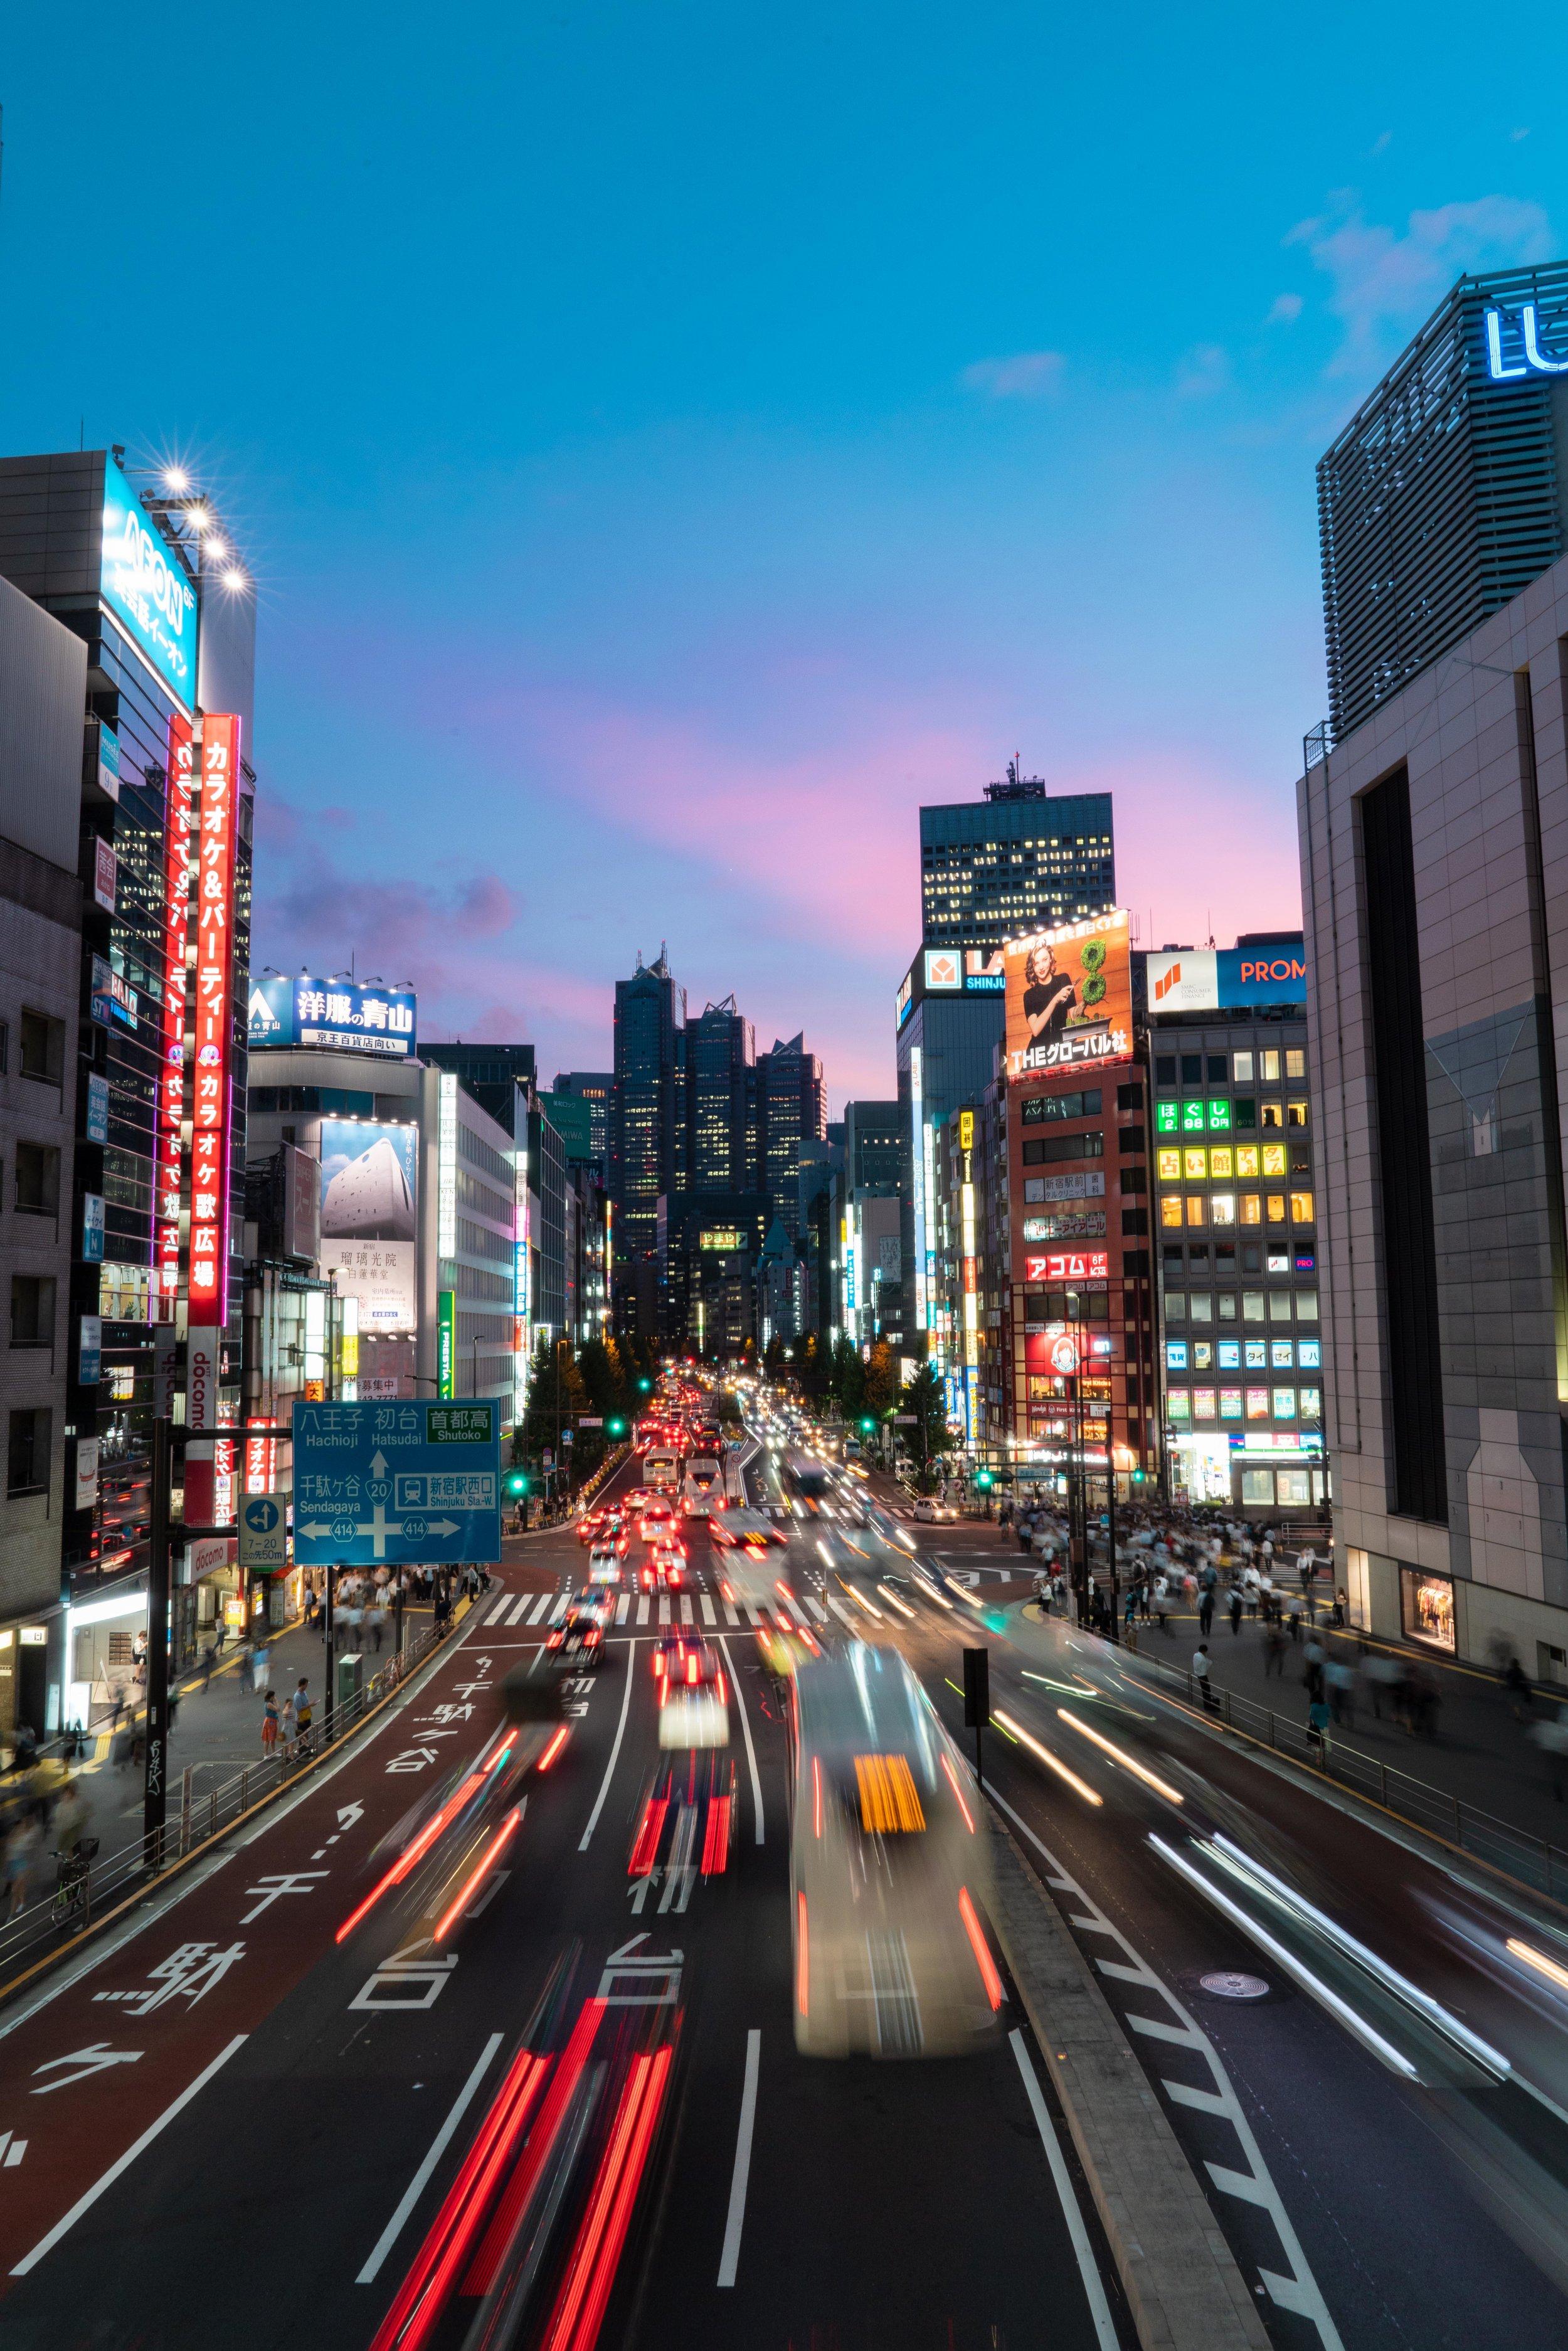 Rush hour in Shinjuku, Tokyo